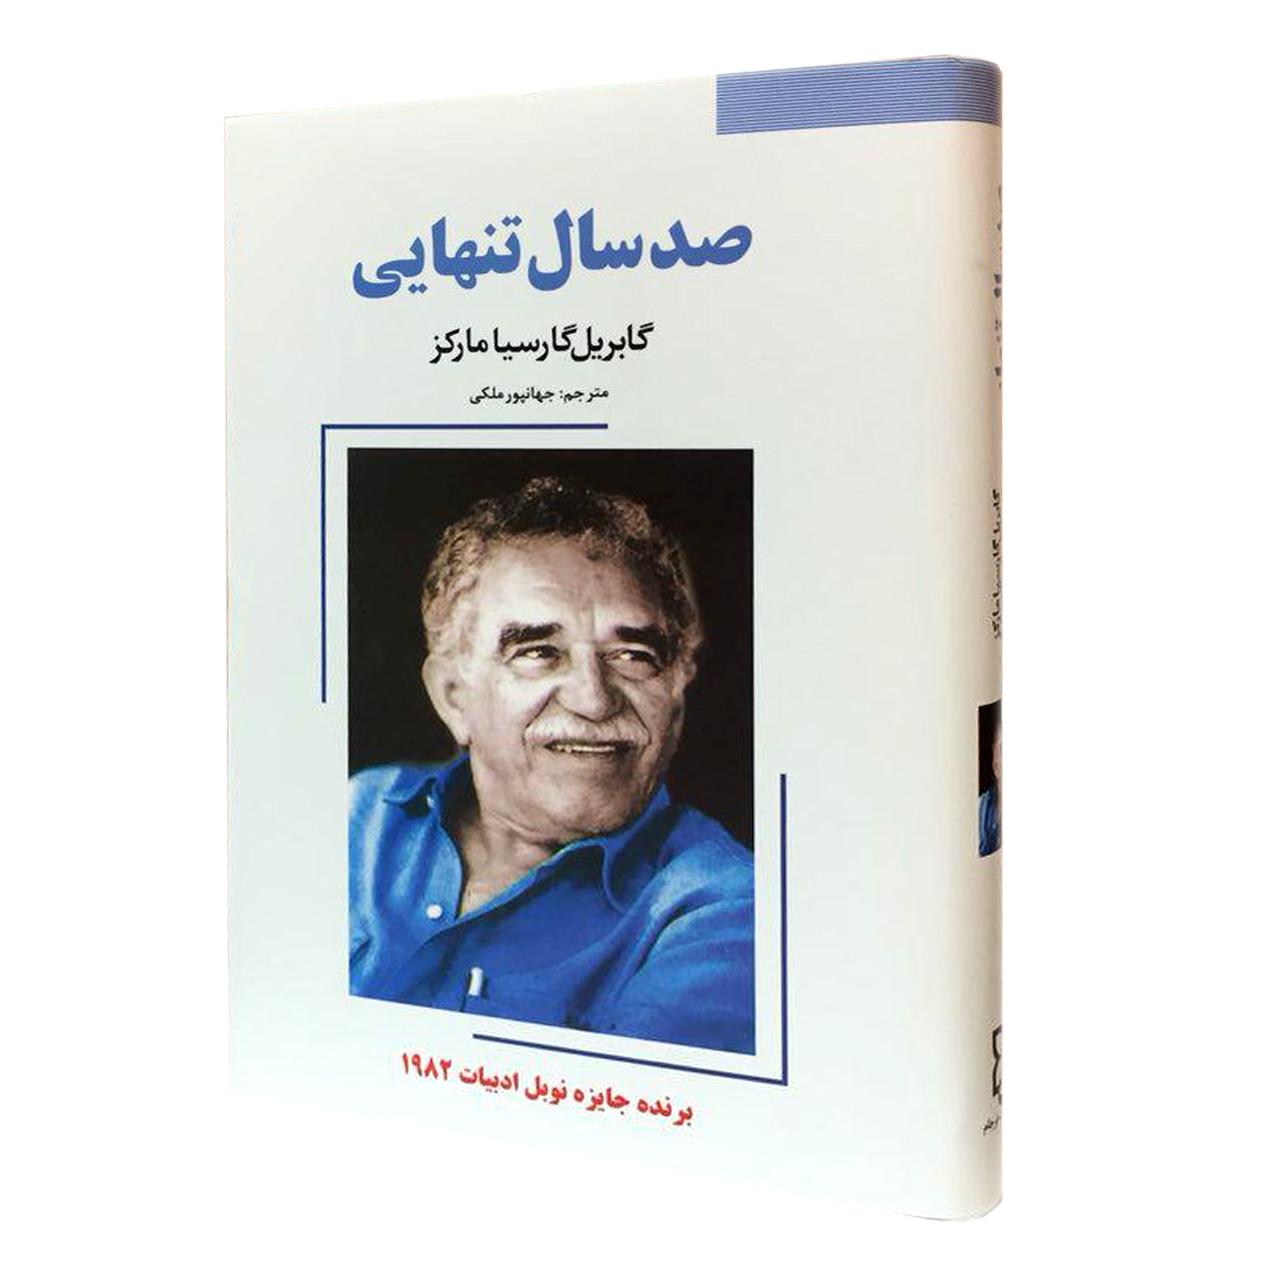 کتاب صدسال تنهایی اثر گابریل گارسیا مارکز